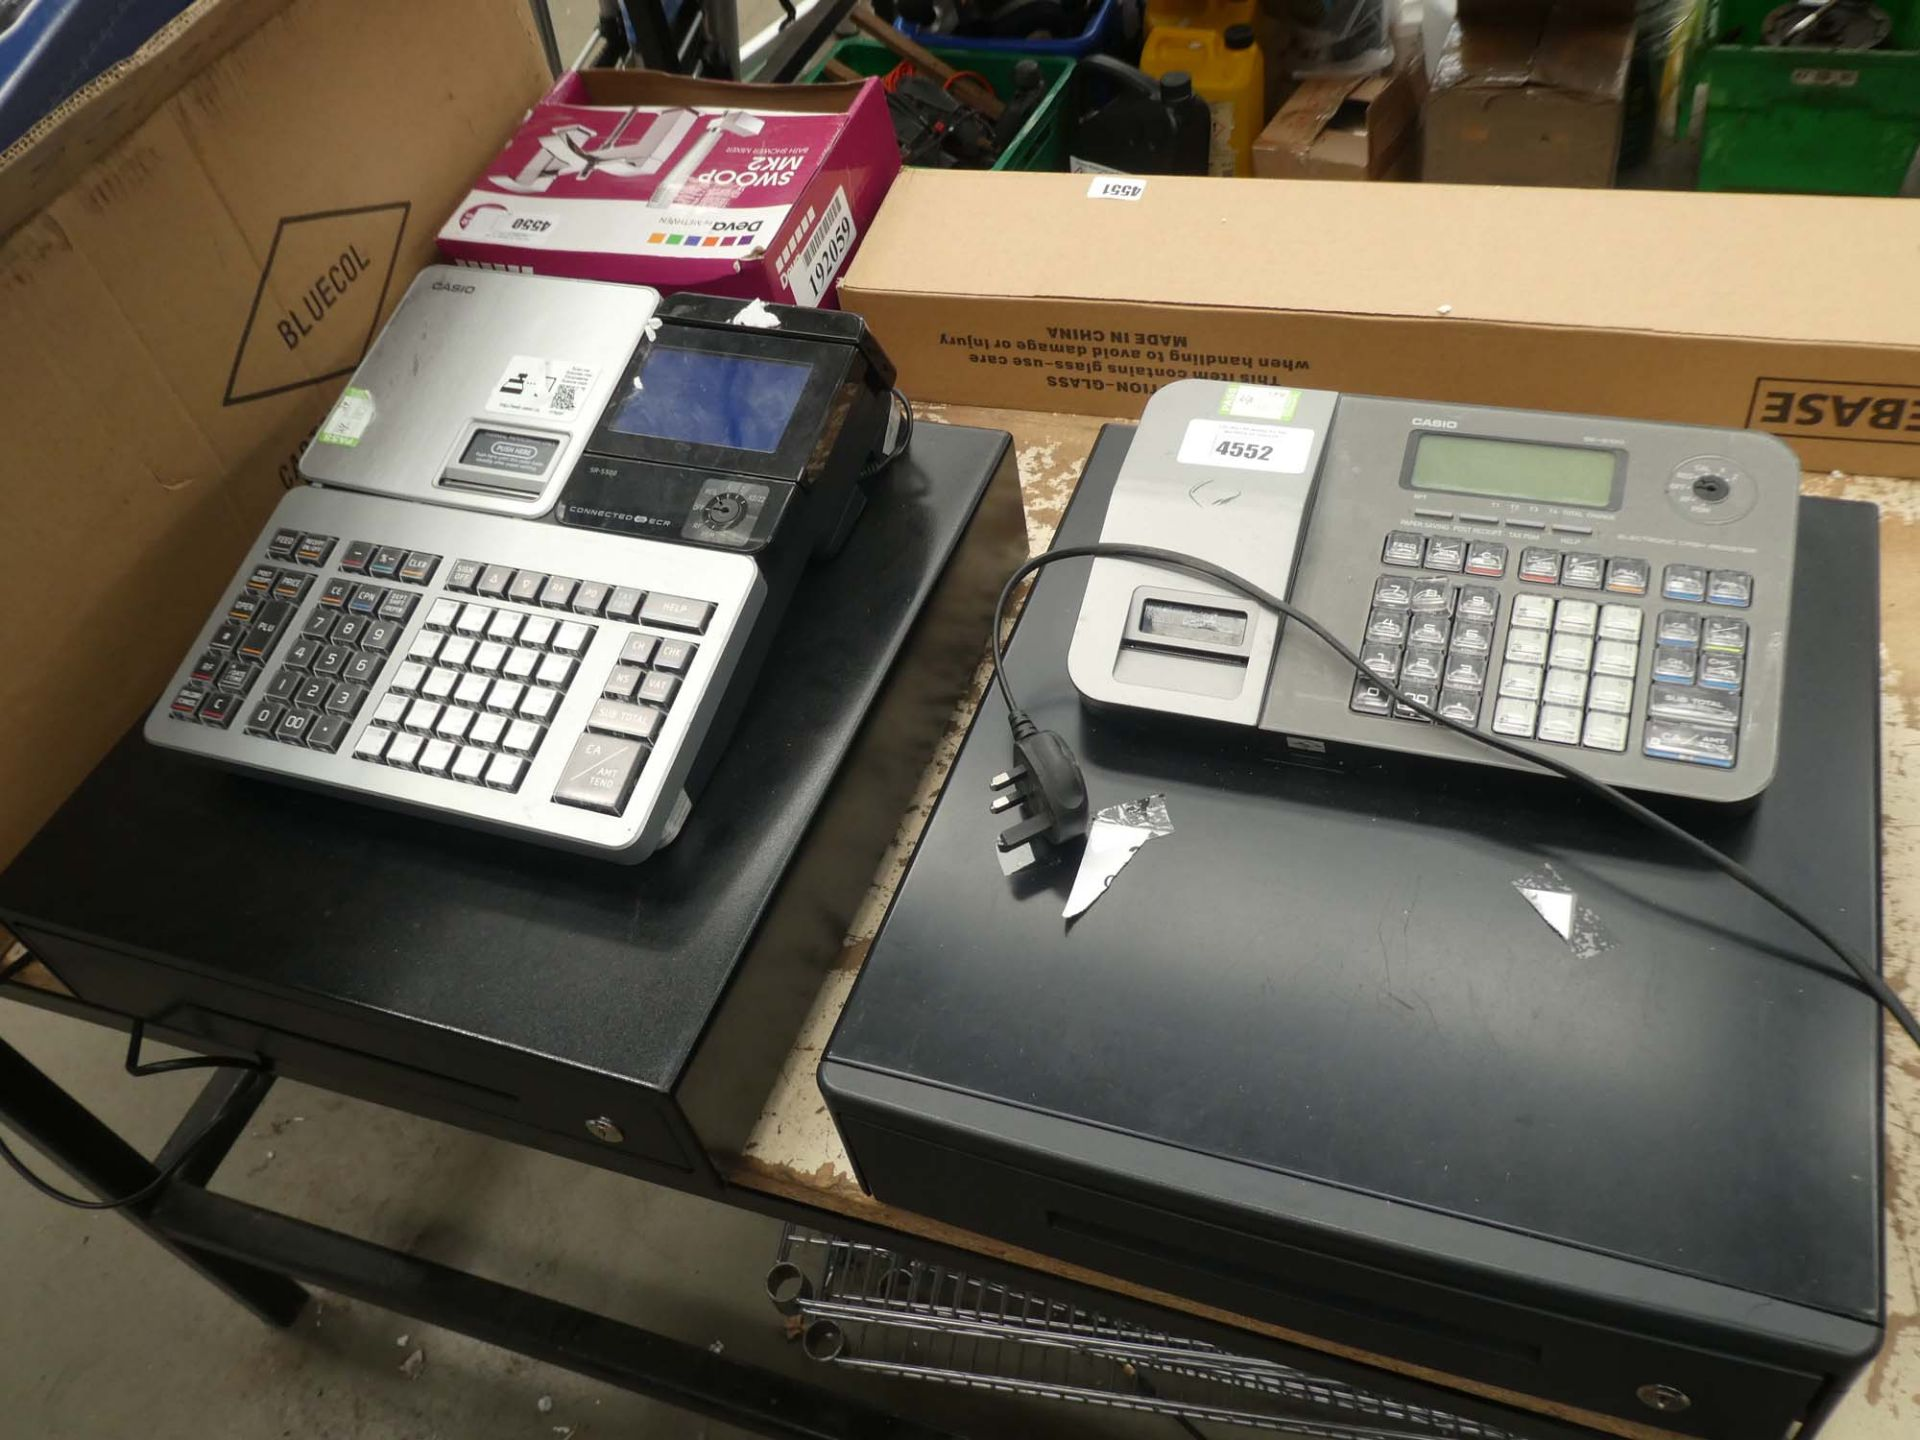 2 Casio cash registers